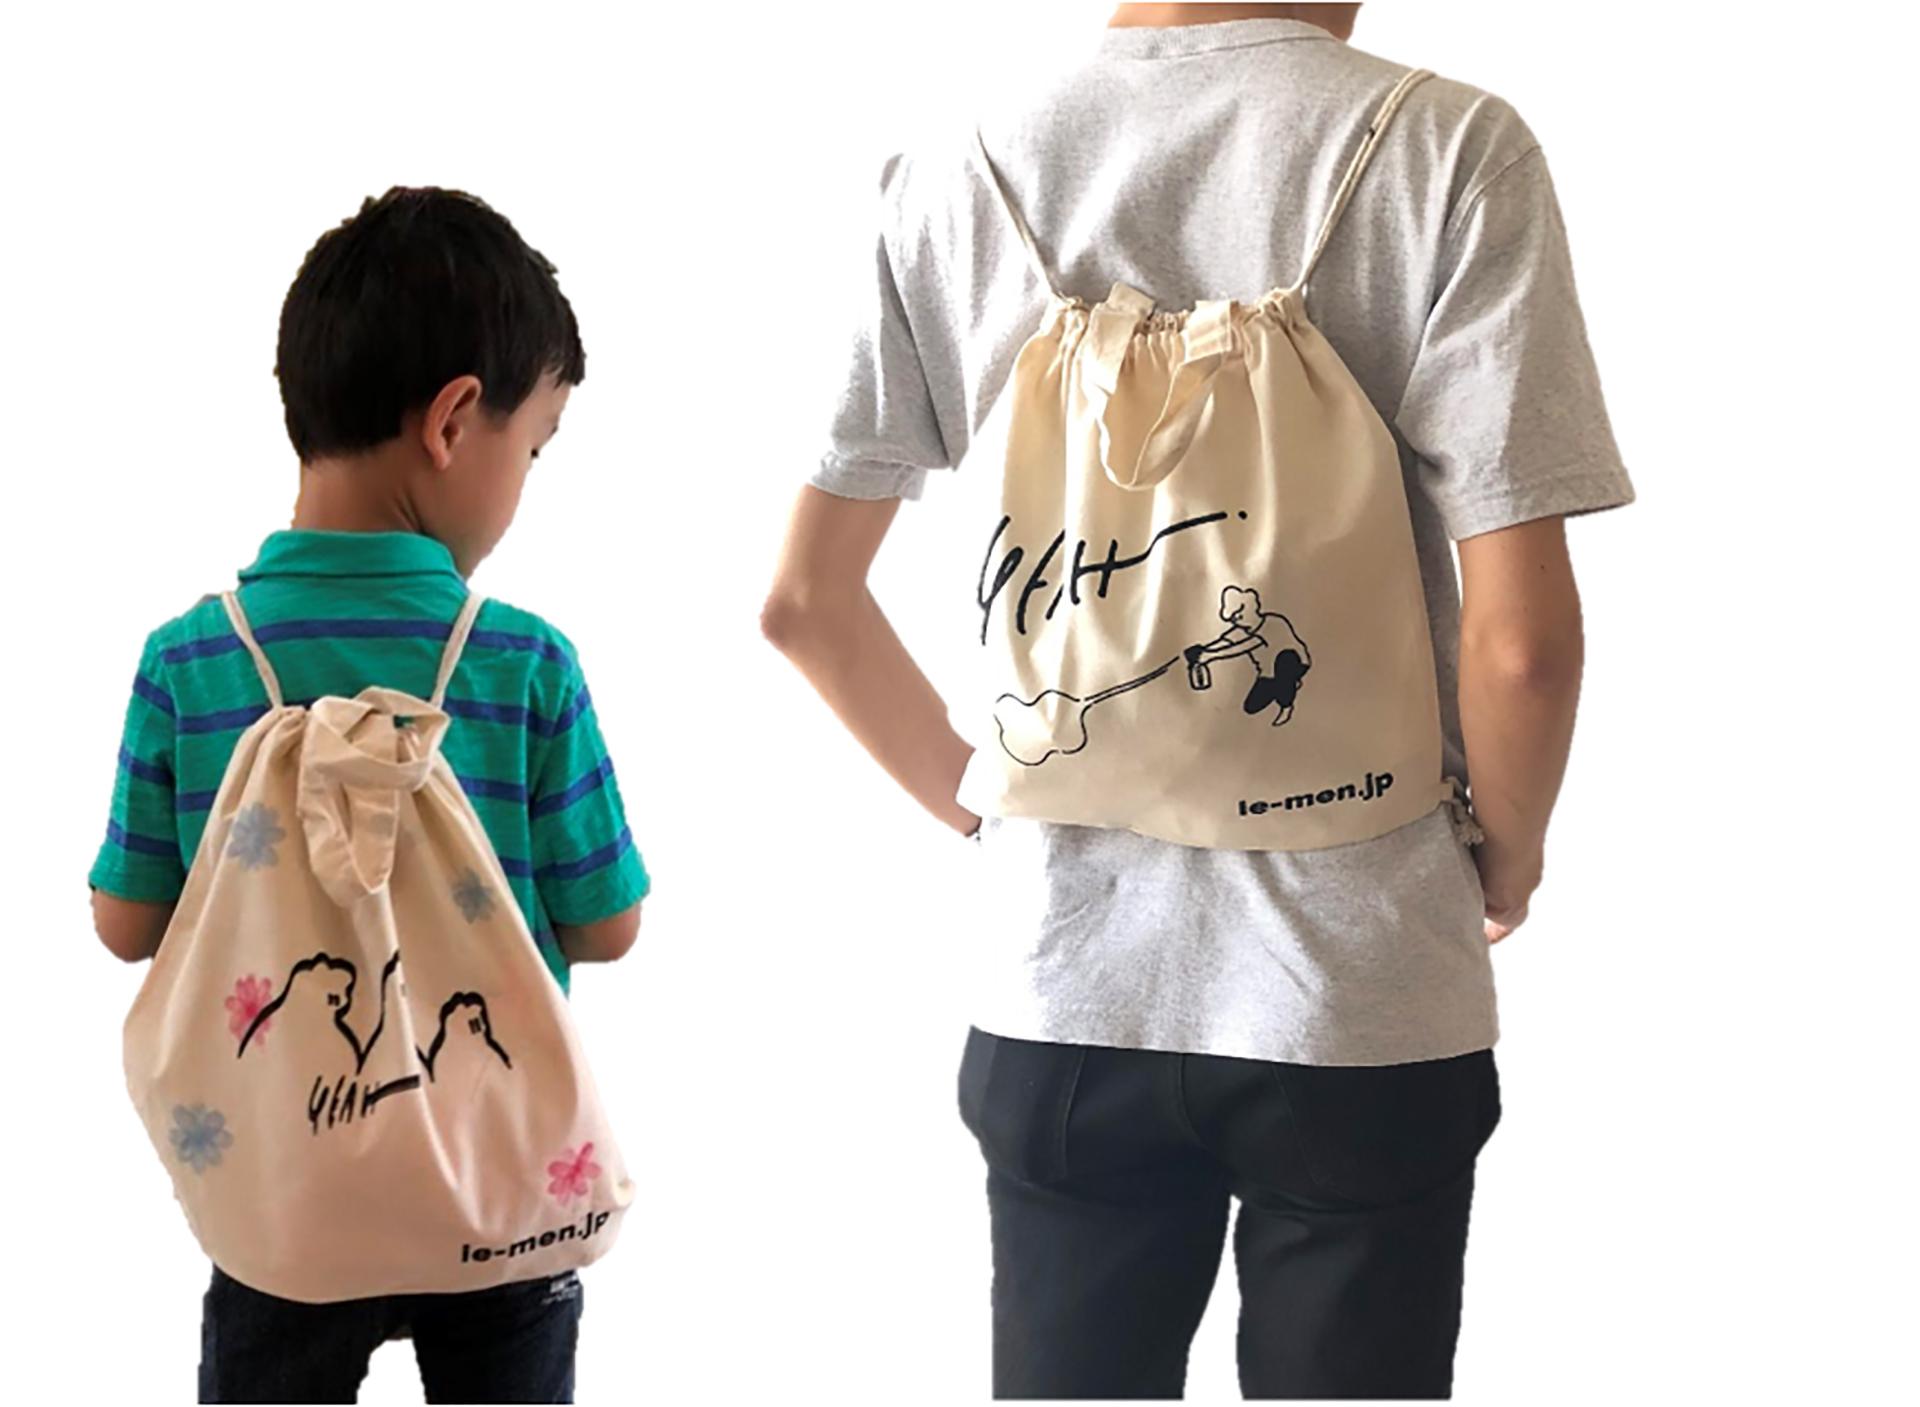 「家men」ワークショップで製作するバッグをしょっているところ